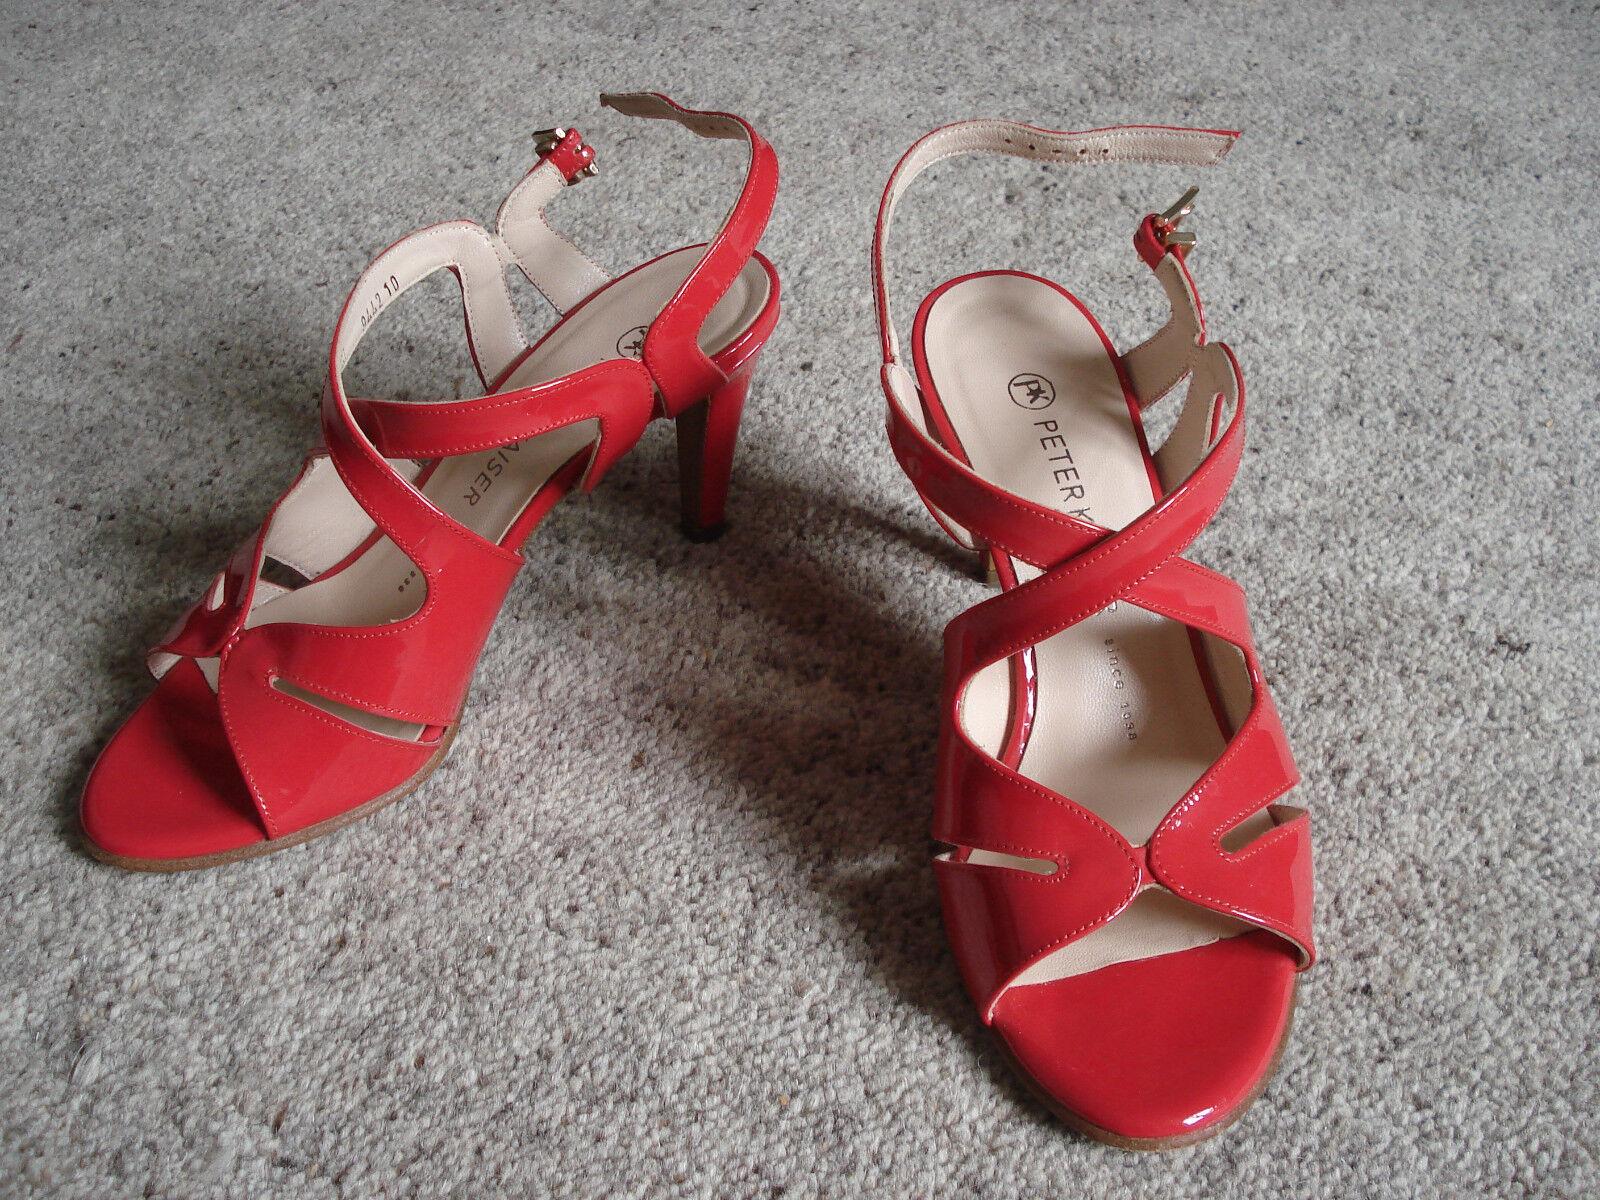 Sandalette von Peter Kaiser, rot, 37,5 / 4,5, Riemchen, rot, Kaiser, RAR 994ff9